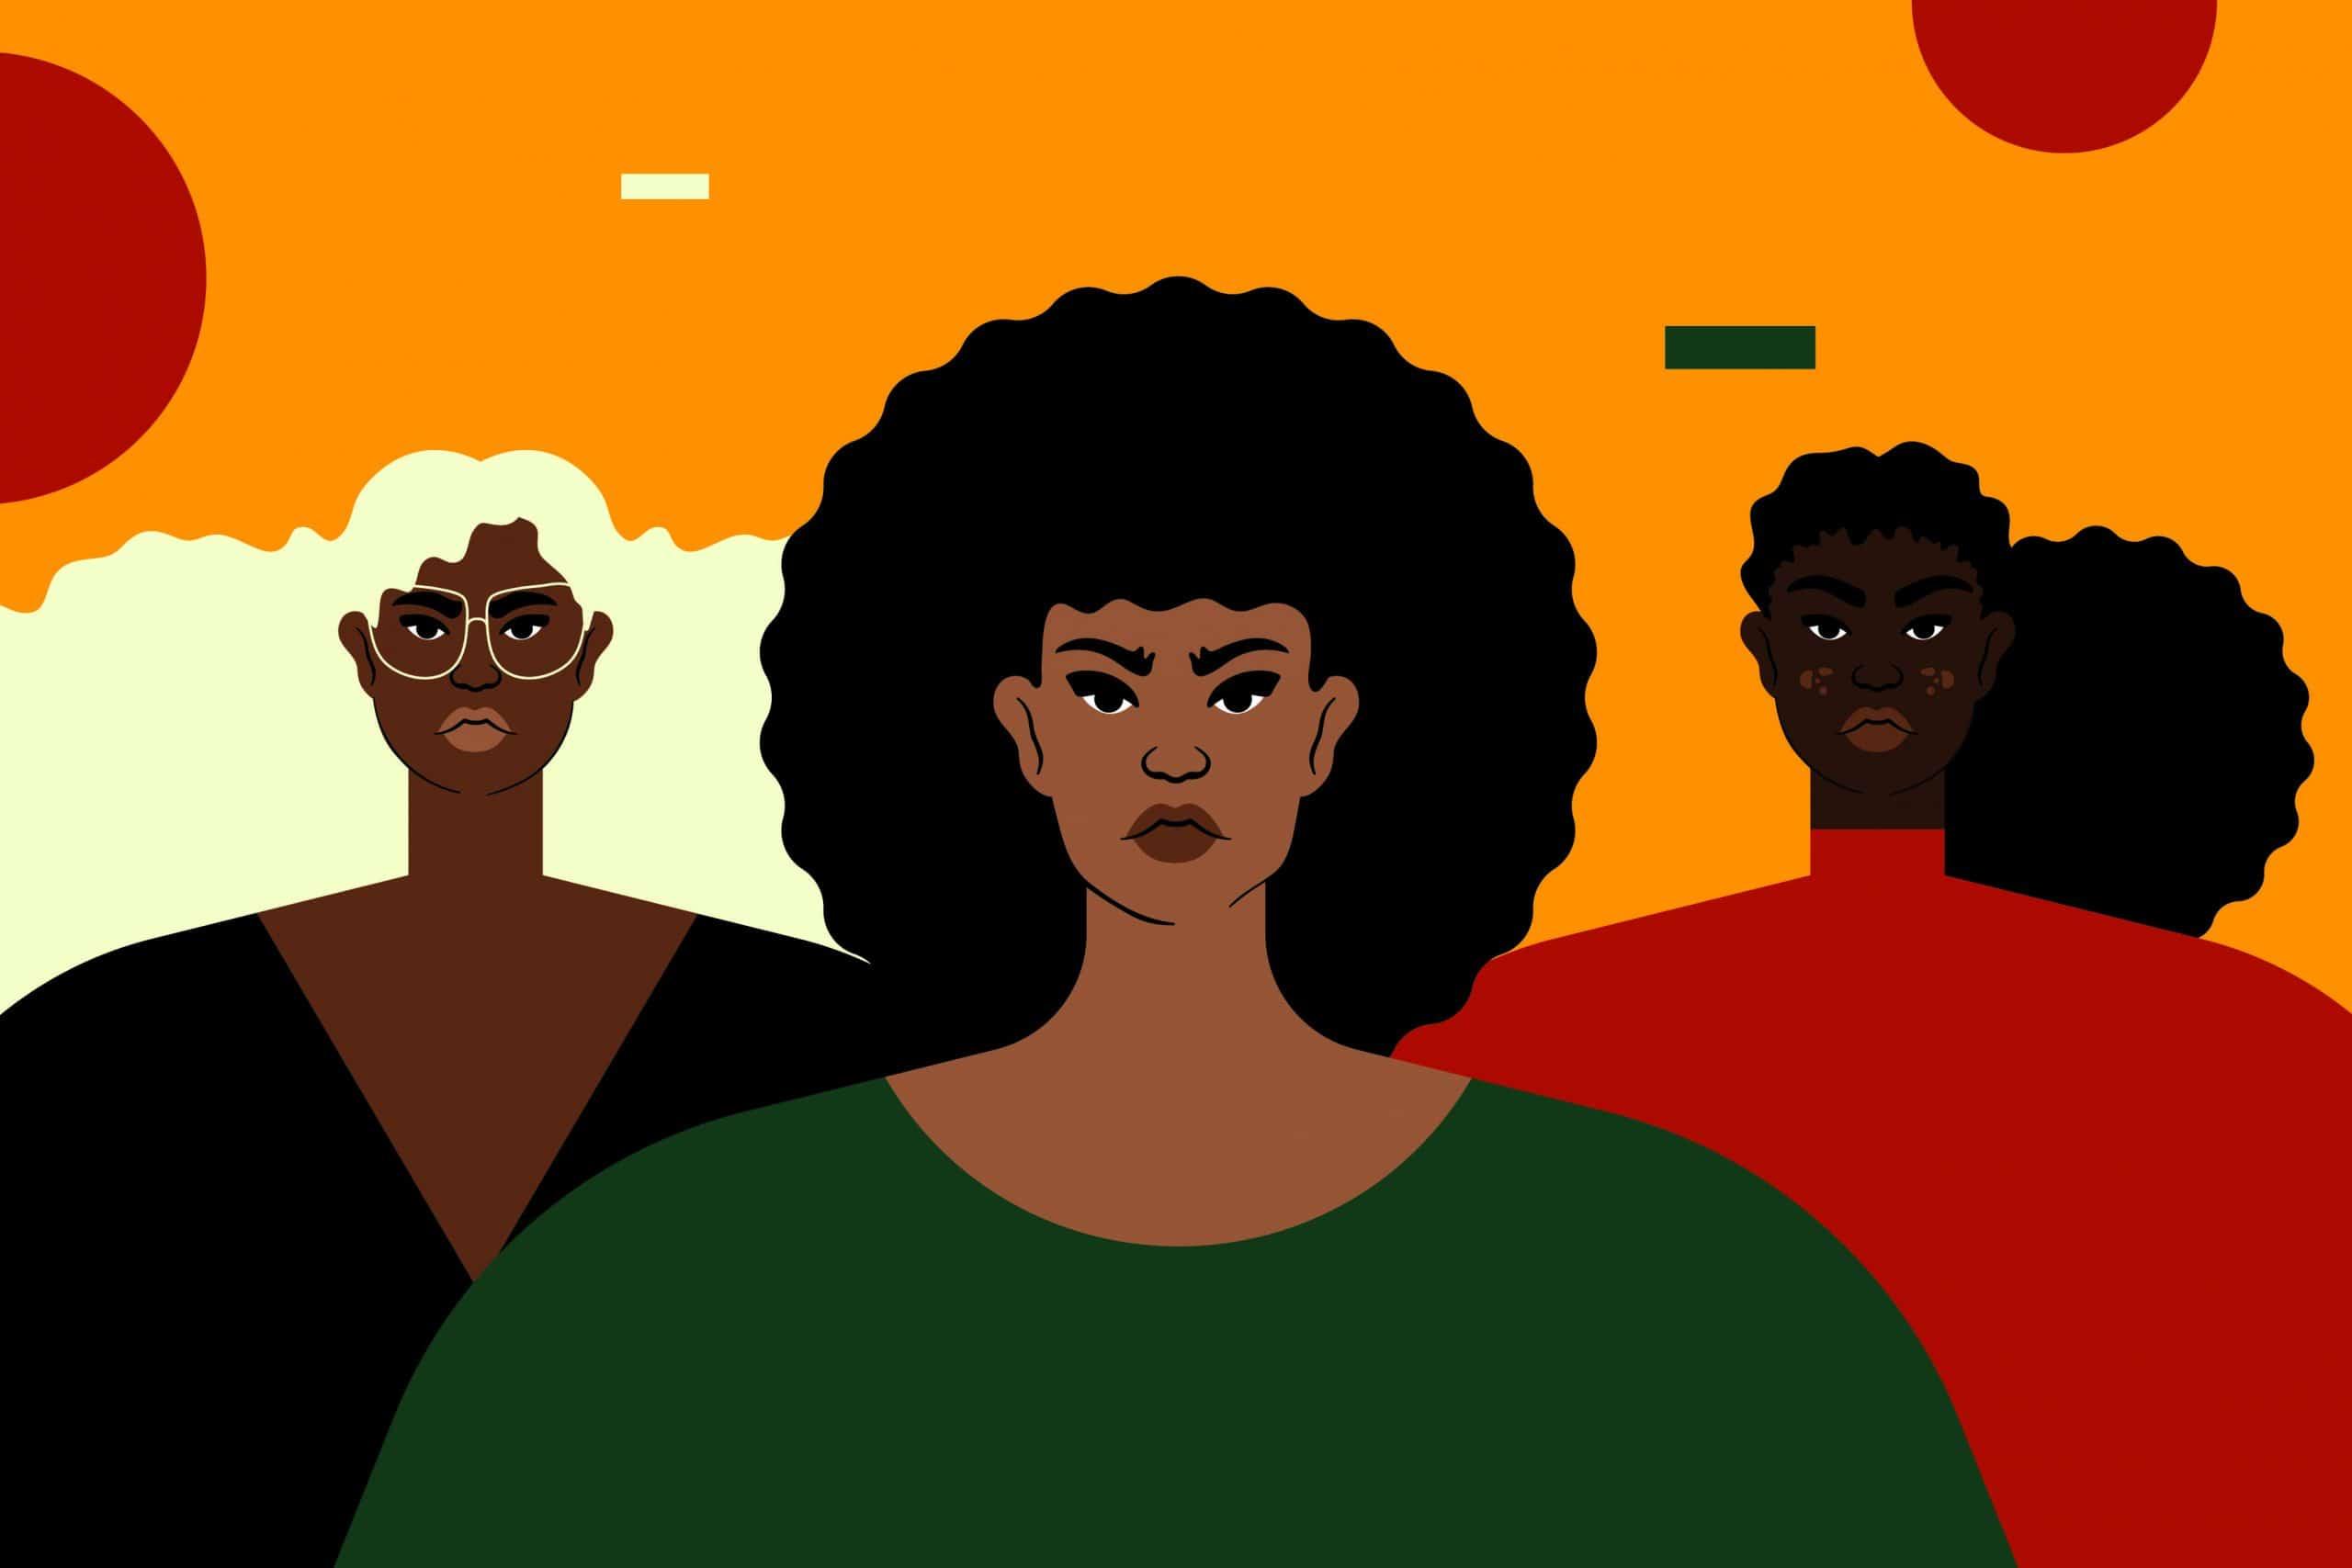 Ilustração de três mulheres negras.